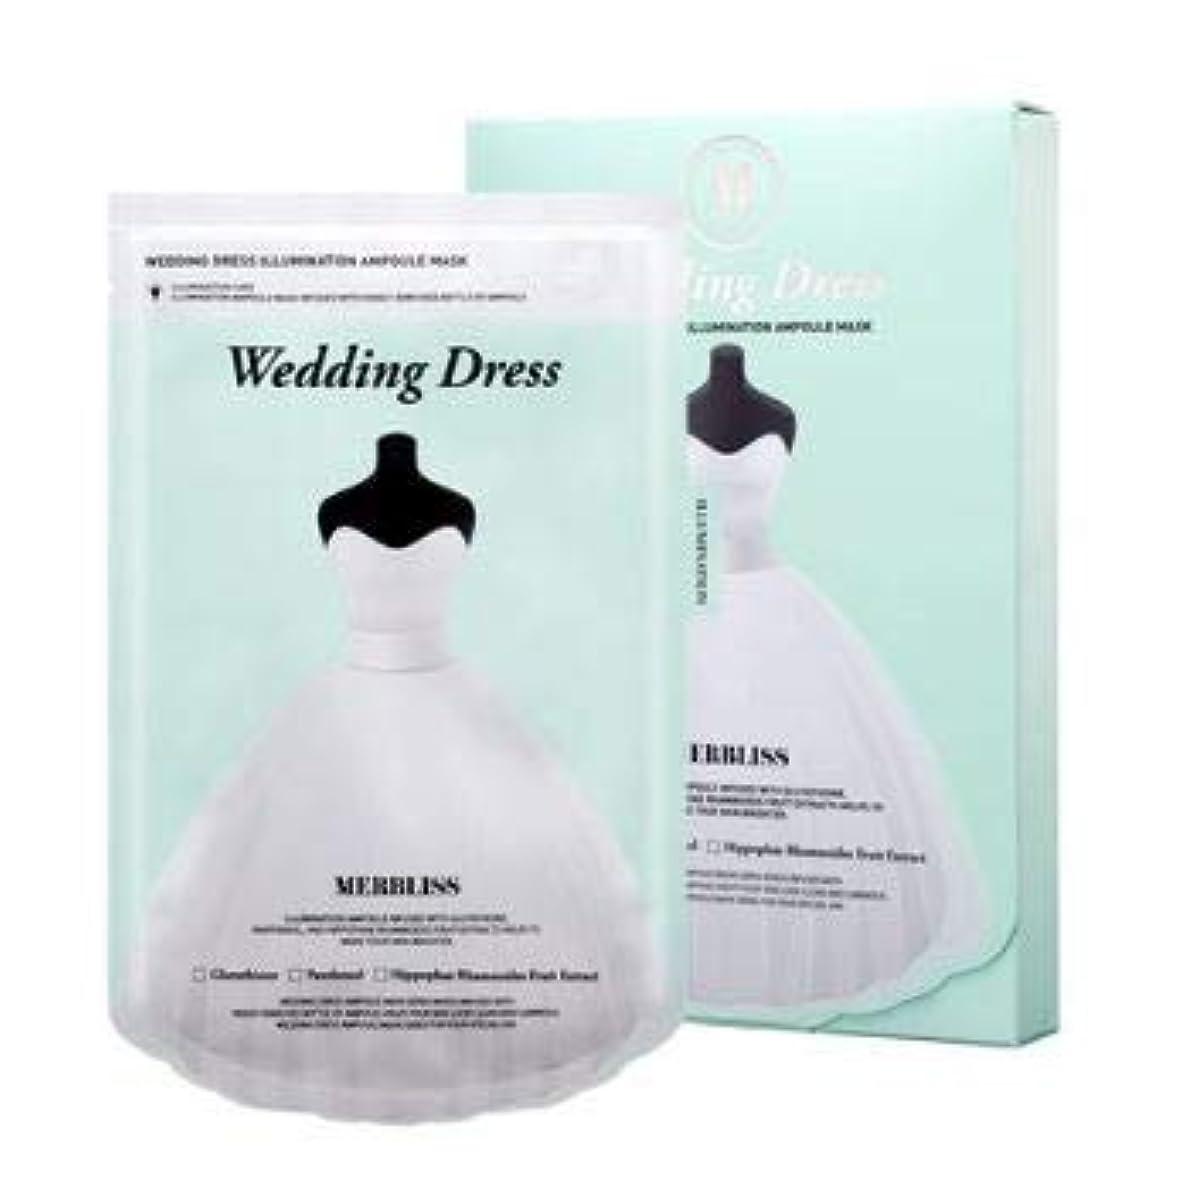 月曜日延期する陸軍[Merbliss] Wedding Dress Illumination Ampoule Mask 25gx5ea /ウェディングドレスイルミネーションアンプルマスク25gx5枚 [並行輸入品]